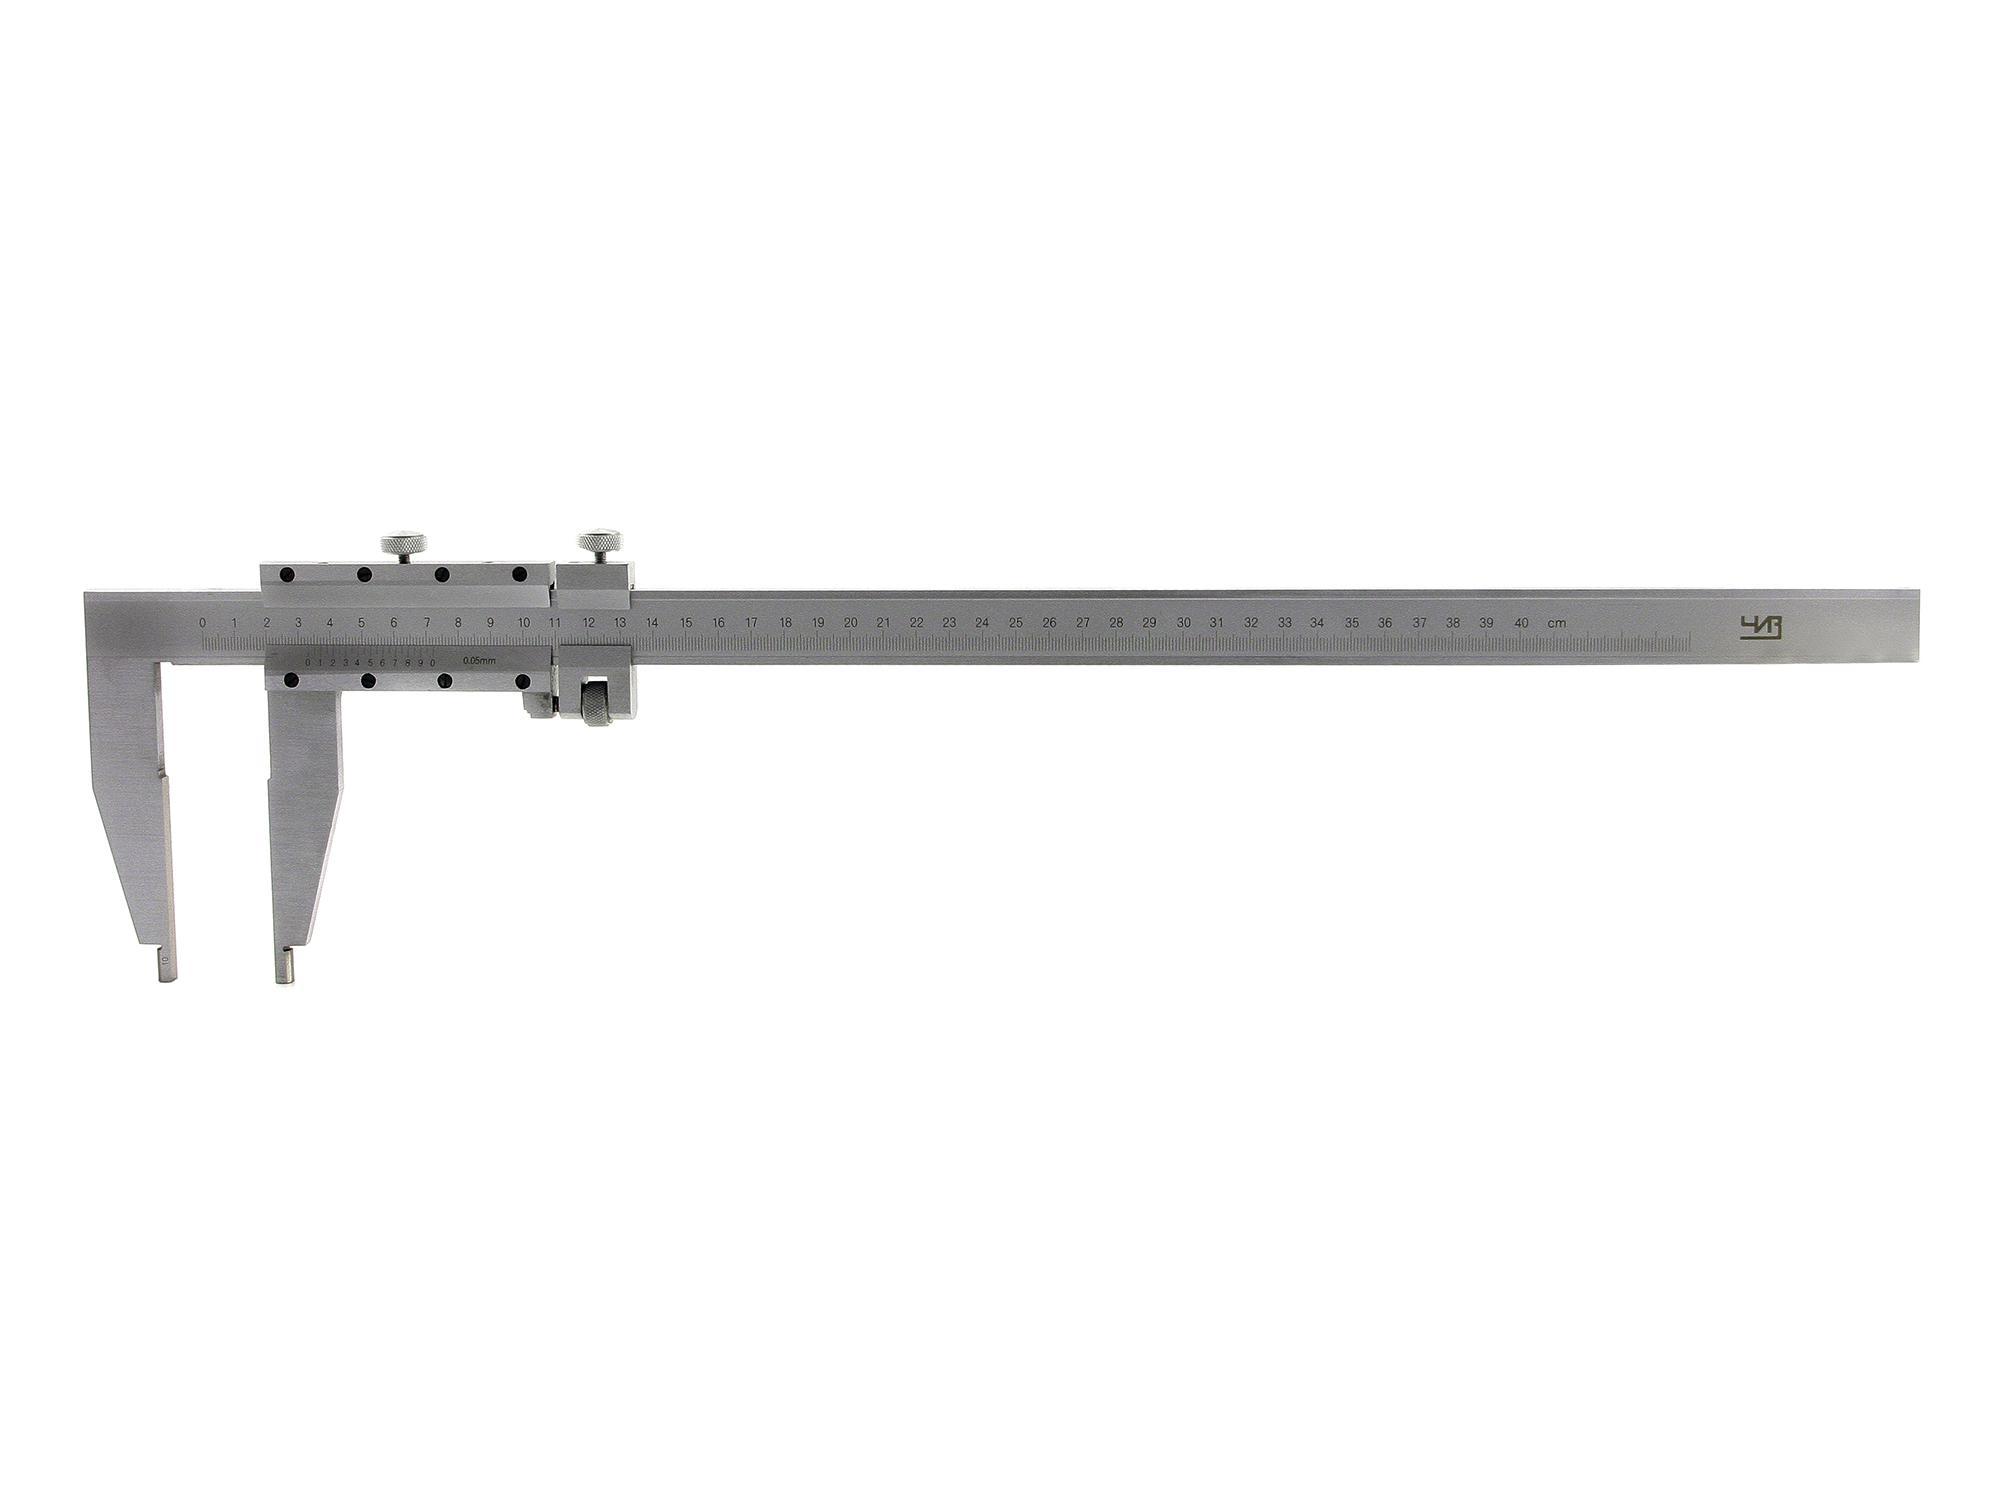 Штангенциркуль ЧИЗ ШЦ-3-1600 0.05 губ.150мм 6 150мм пластиковая линейка раздвижные gauge штангенциркуль ювелирные изделия измерения